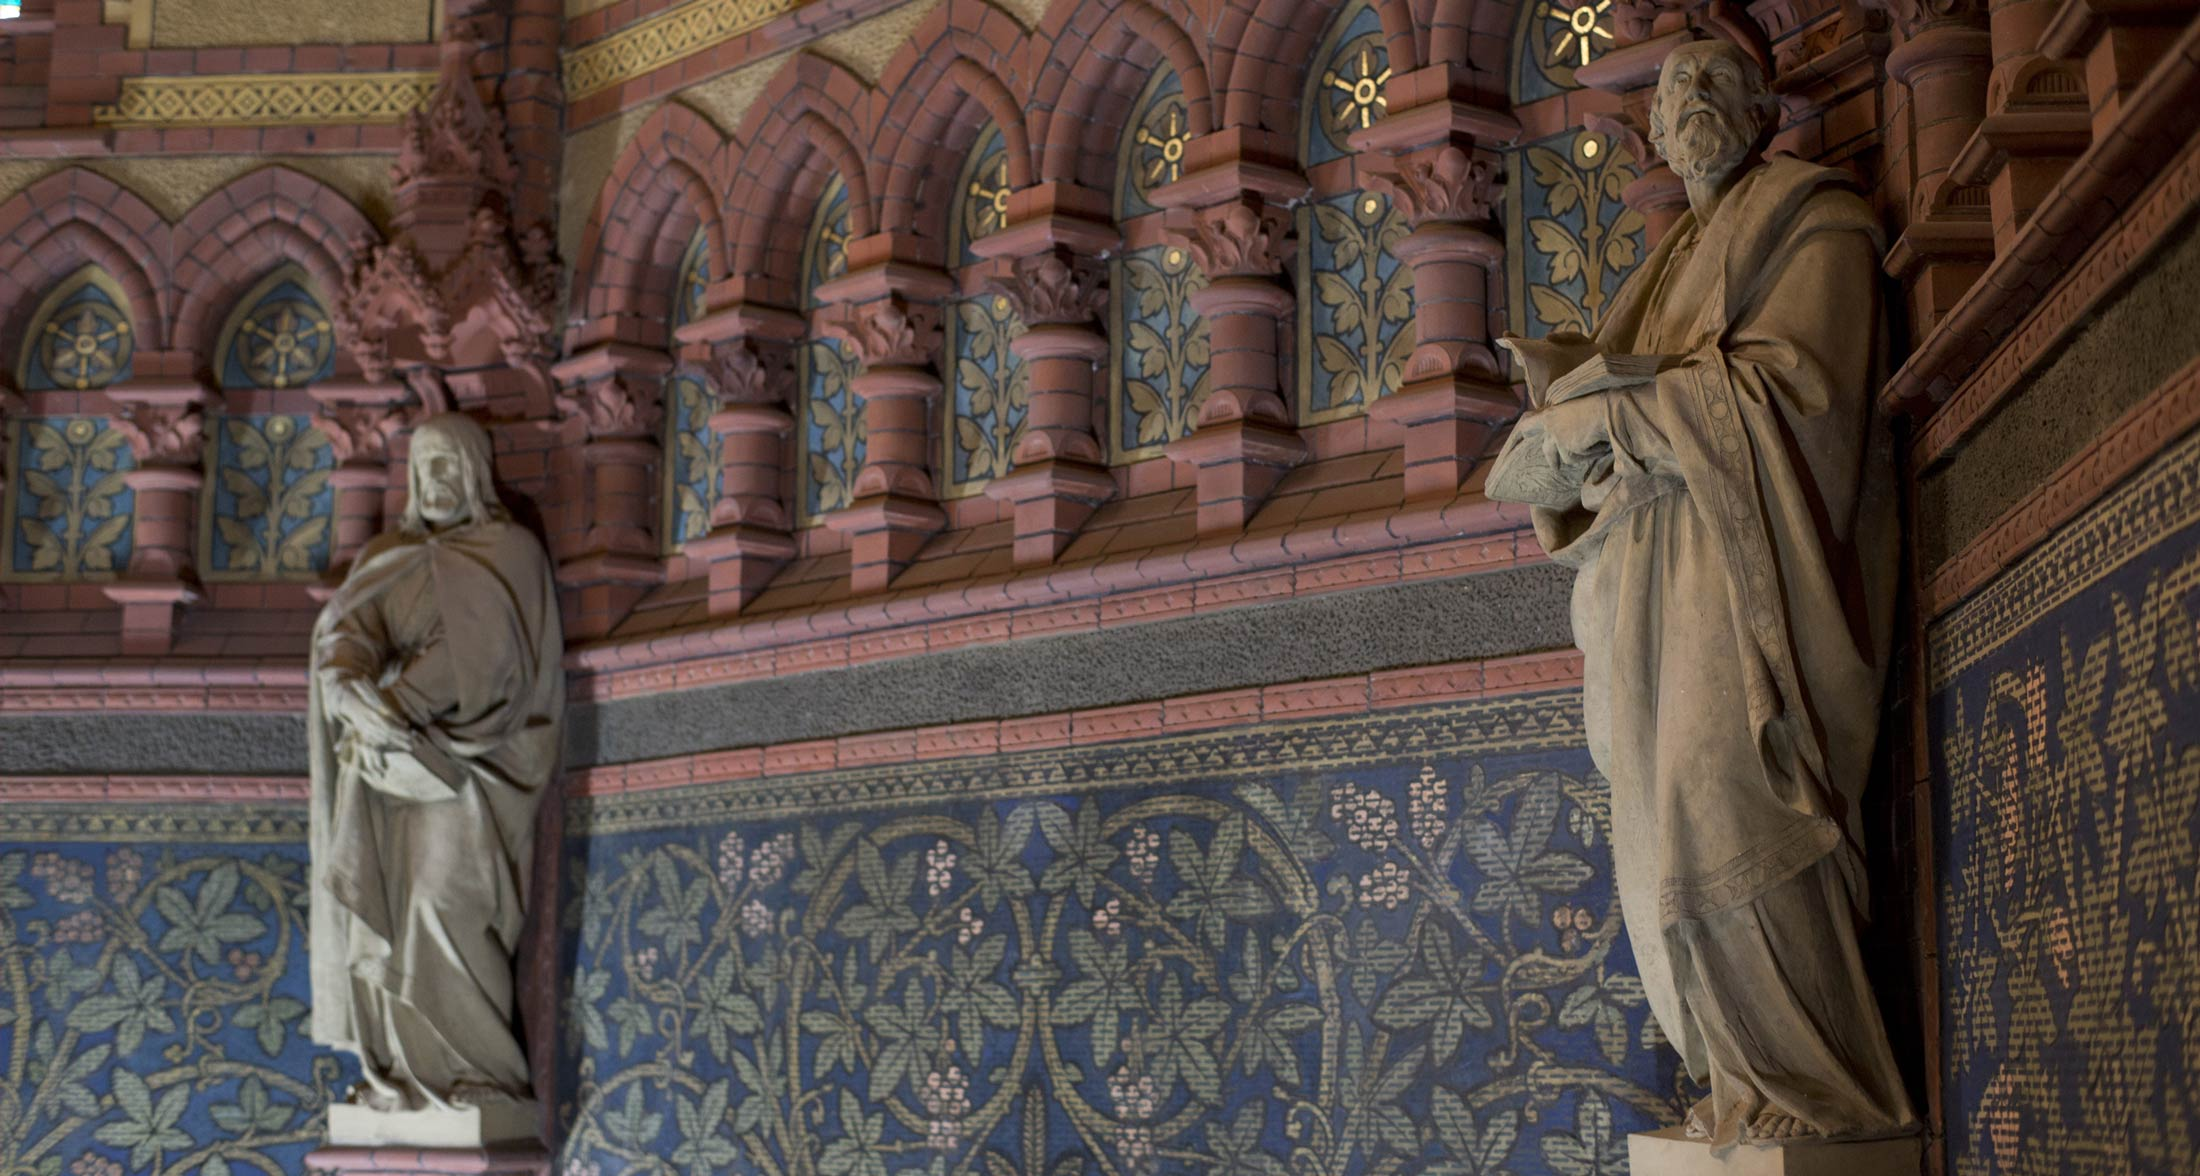 Evangelistenfiguren vor restaurierten Sgraffittoflächen - Lutherkirche Apolda